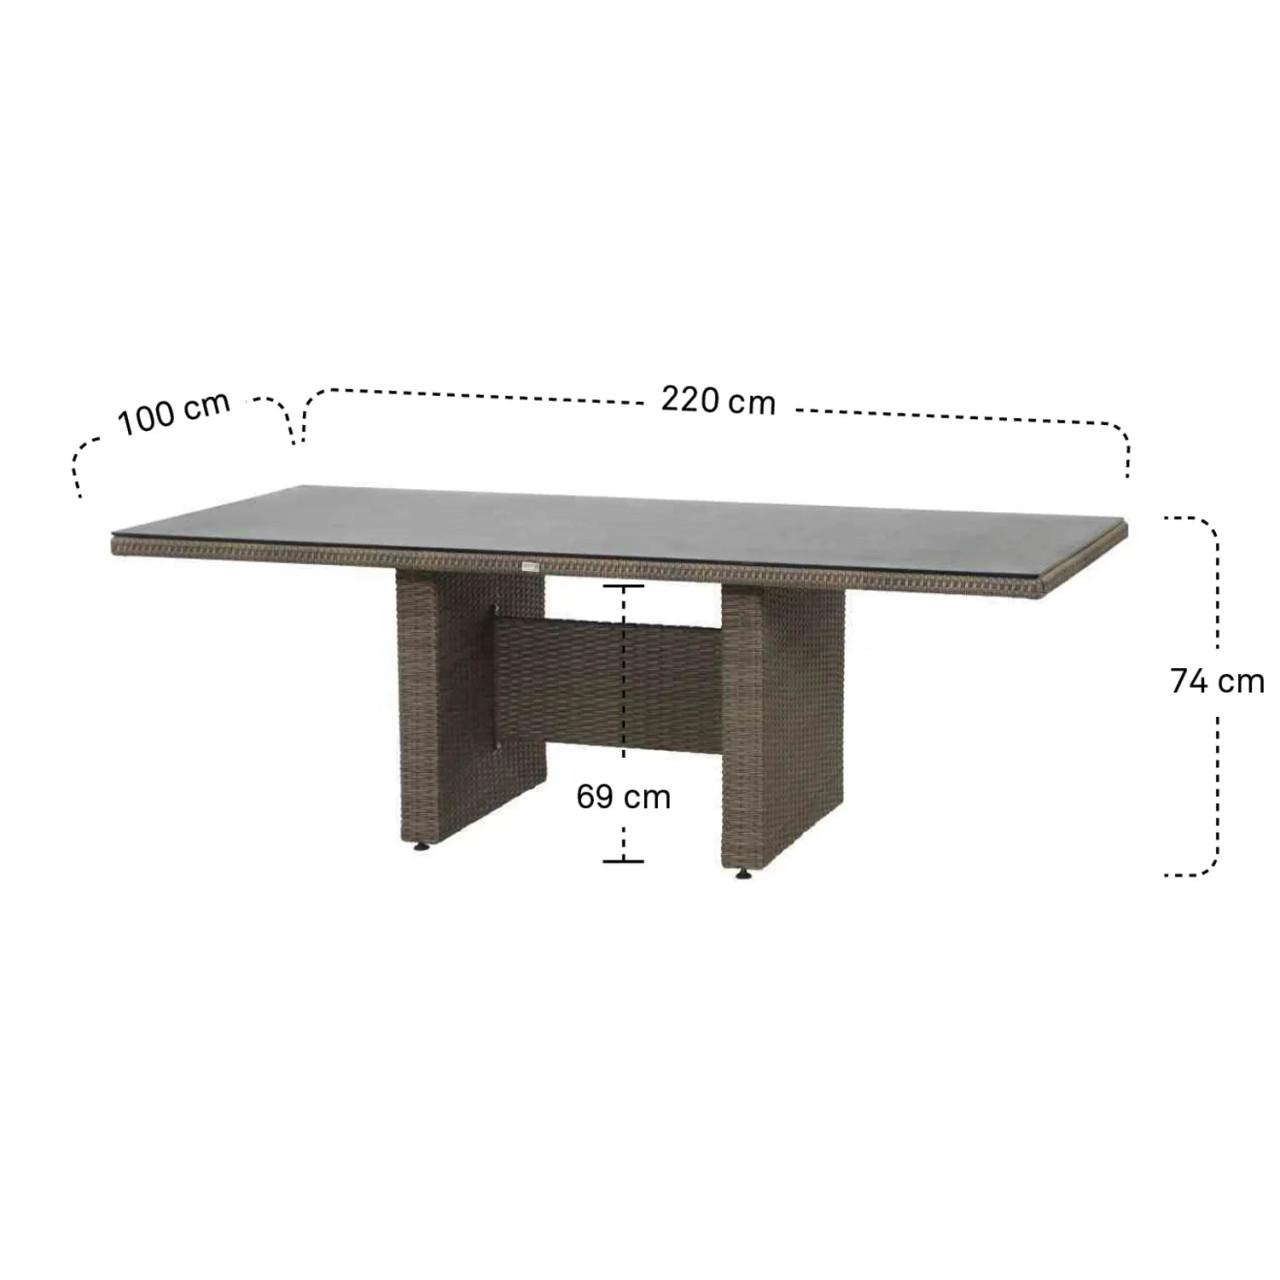 Teramo Tisch 220 x 100 cm, bronze